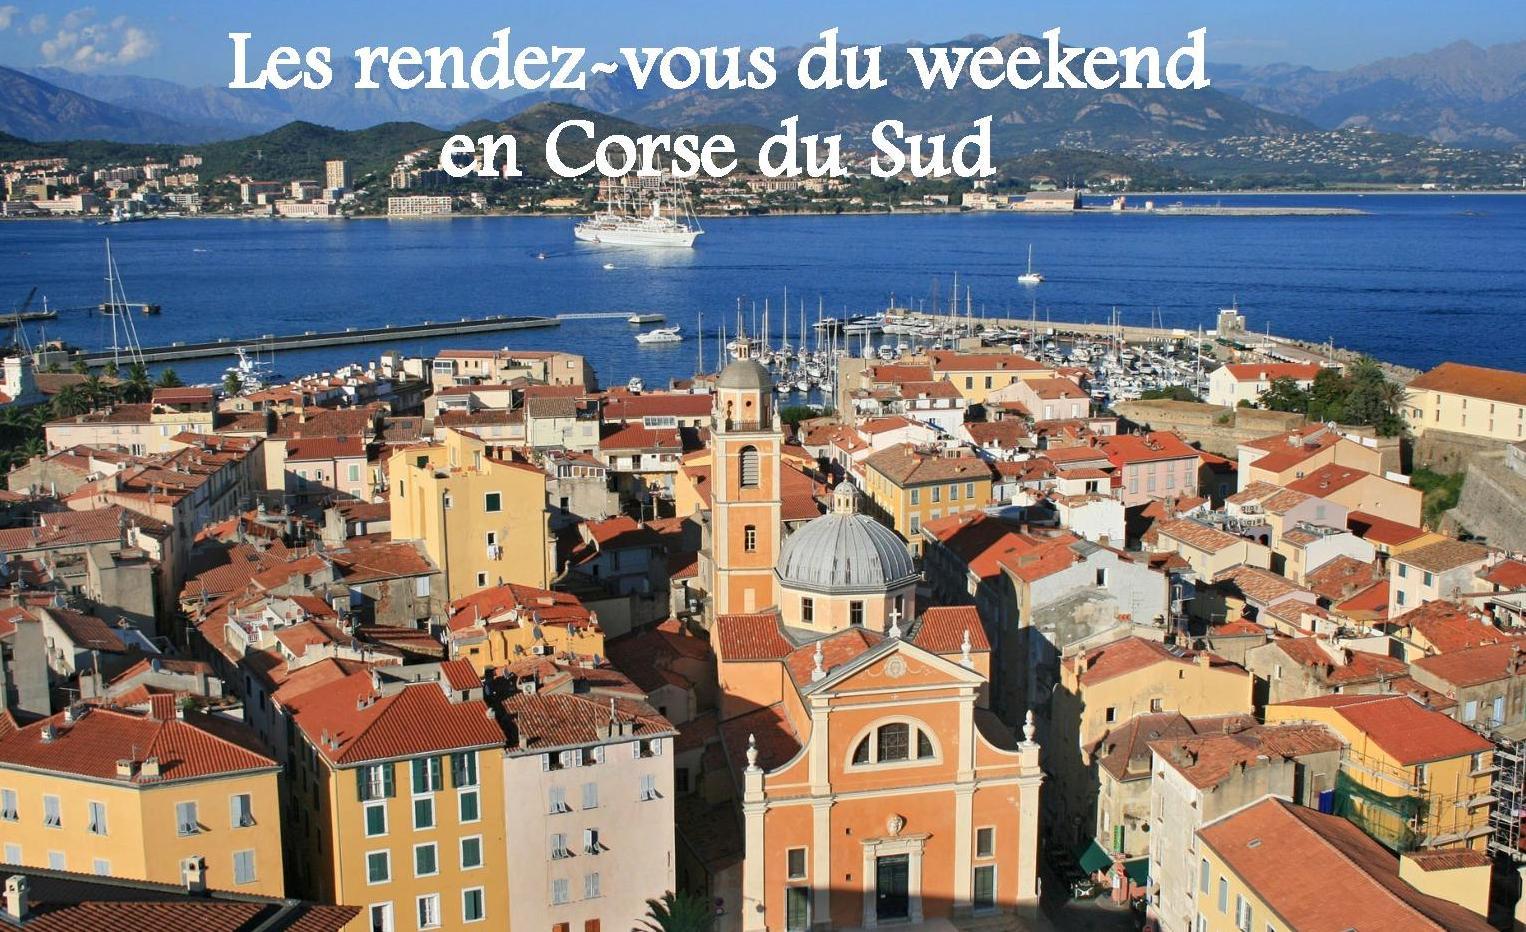 Marchés de Noël : L'agenda des rendez-vous du week-end en Corse-du-Sud